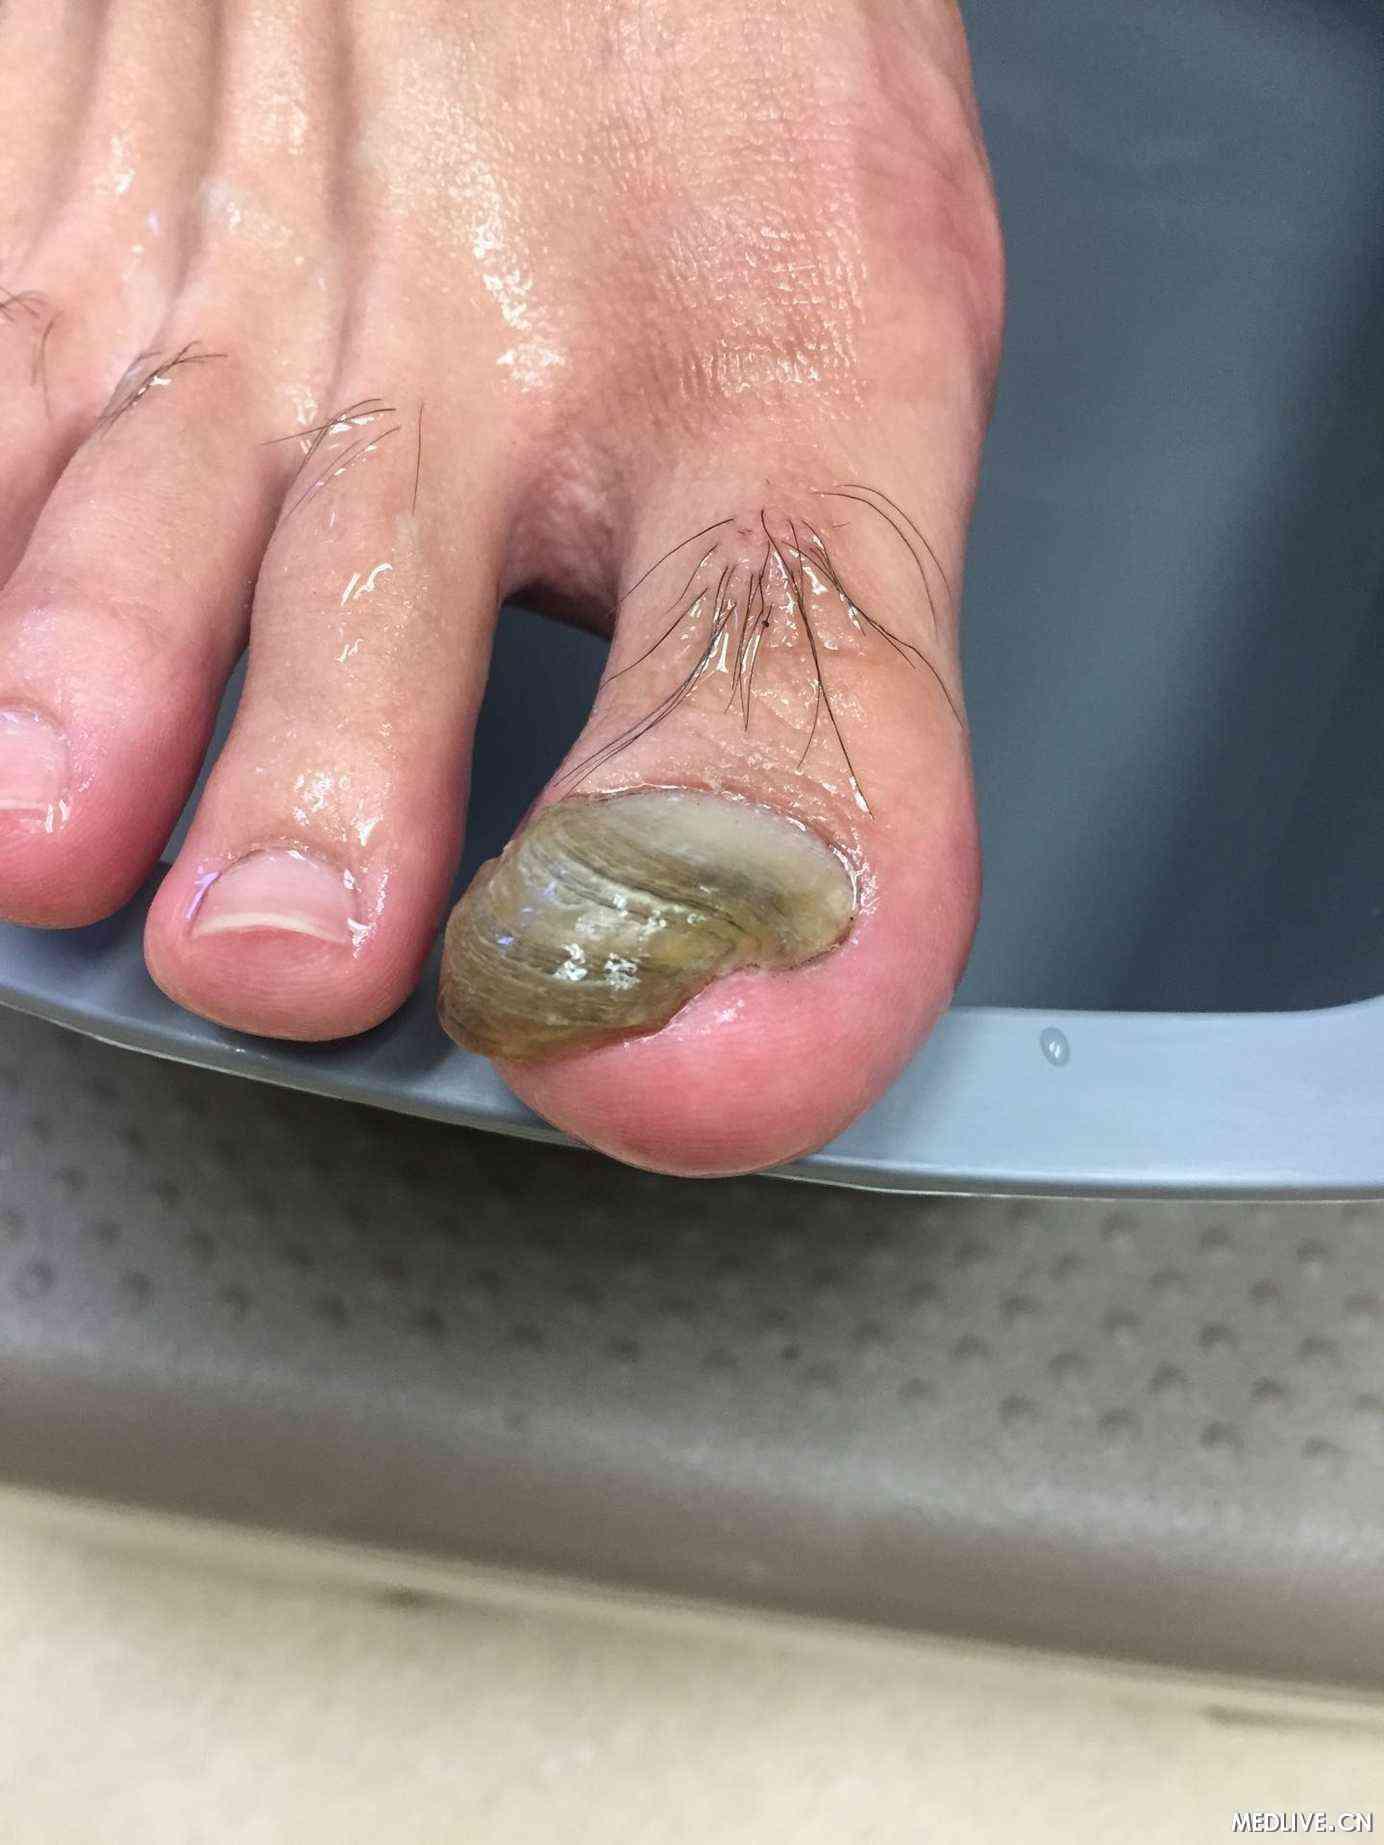 右脚大拇指畸形3年.打篮球的时候指甲